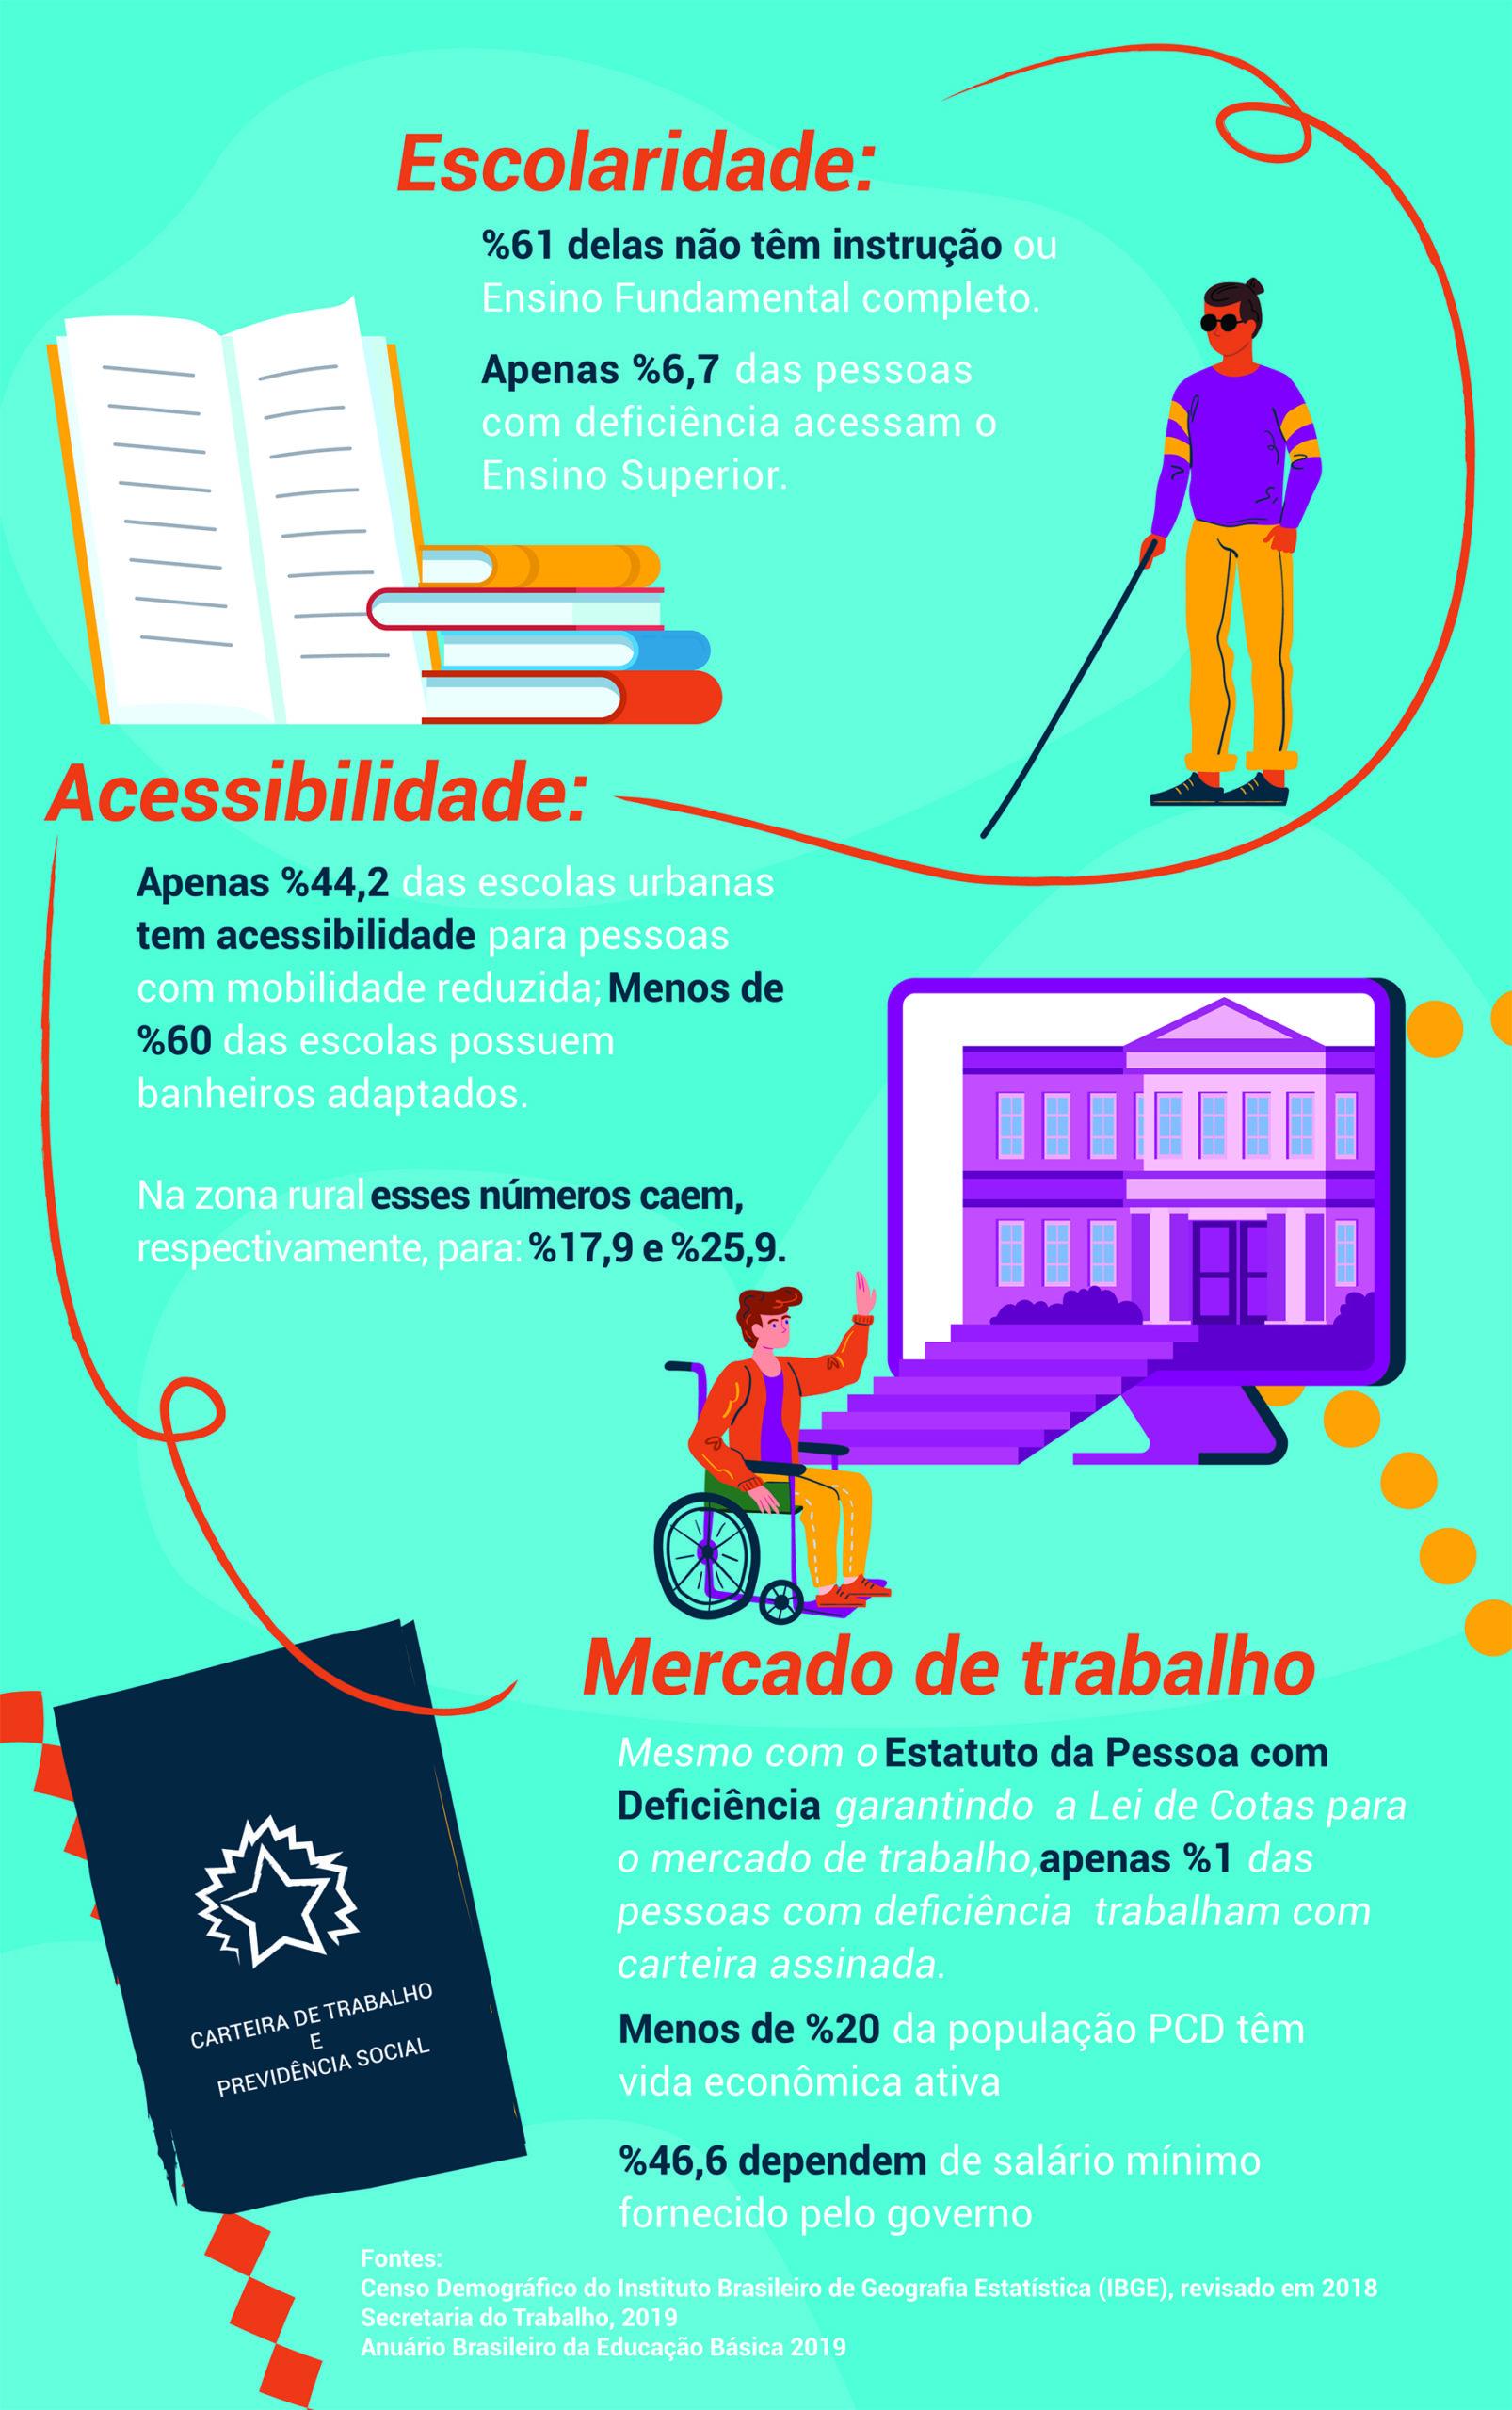 Infográfico sobre educação inclusiva tem ilustrações de pessoas com deficiência em meio a livros e elementos como carteira de trabalho. No corpo do texto traz dados sobre acesso a educação. Escolaridade; Apenas 6,7% das pessoas com deficiência acessam o Ensino Superior. 61% delas não têm instrução ou Ensino Fundamental completo. Acessibilidade; Apenas 44,2% das escolas urbanas tem acessibilidade para pessoas com mobilidade reduzida; Menos de 60% delas escolas possuem banheiros adaptados; Na zona rural esses números caem, respectivamente, para: 17,9% e 25,9%. Mercado de trabalho; Mesmo com o Estatuto da Pessoa com Deficiência garantindo a Lei de Cotas para o mercado de trabalho, apenas 1% das pessoas com deficiência trabalham com carteira assinada; Menos de 20% da população PCD têm vida econômica ativa; 46,6% dependem de salário mínimo fornecido pelo governo. As fontes são: Censo Demográfico do Instituto Brasileiro de Geografia Estatística (IBGE), revisado em 2018; Secretaria do Trabalho, 2019 e Anuário Brasileiro da Educação Básica 2019.